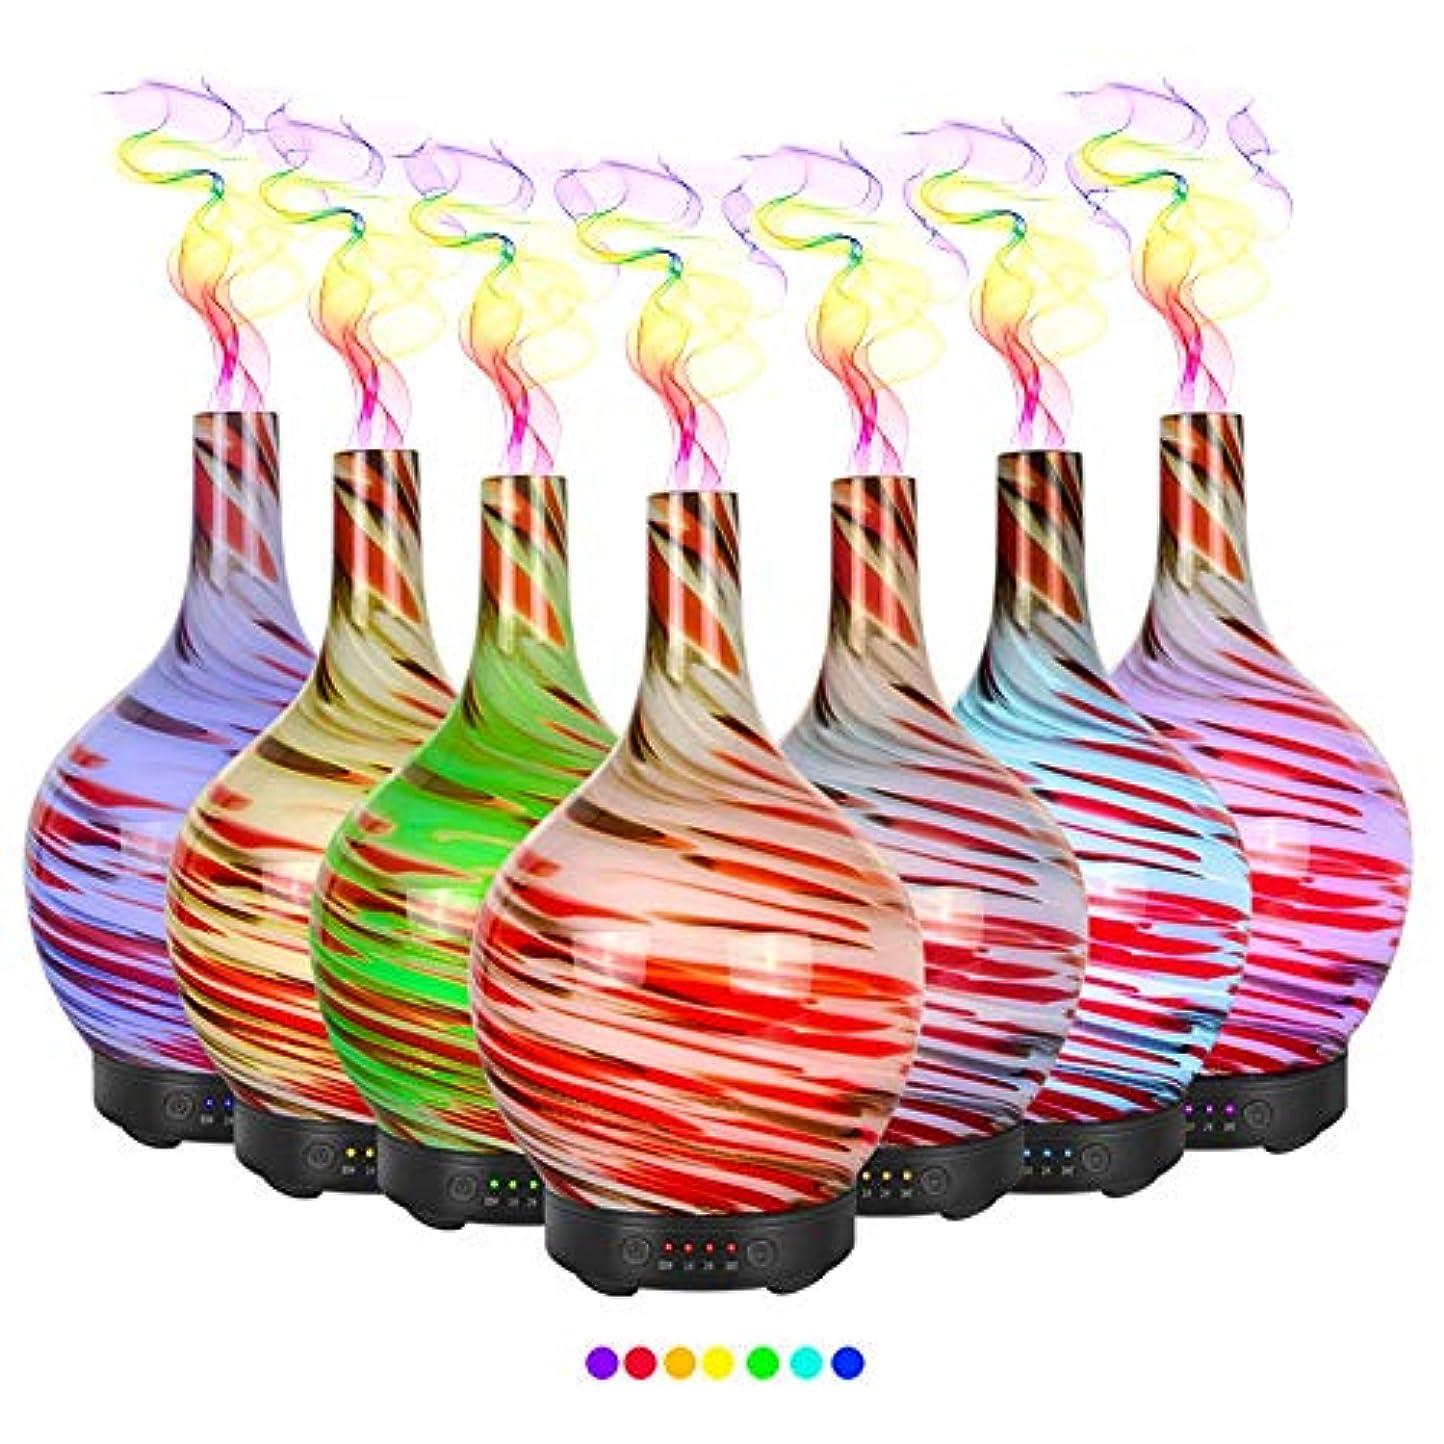 スクラップダム石エッセンシャルオイル用ディフューザー (100ml)-3d アートガラス油絵アロマ加湿器7色の変更 LED ライト & 4 タイマー設定、水なしオートシャットオフ